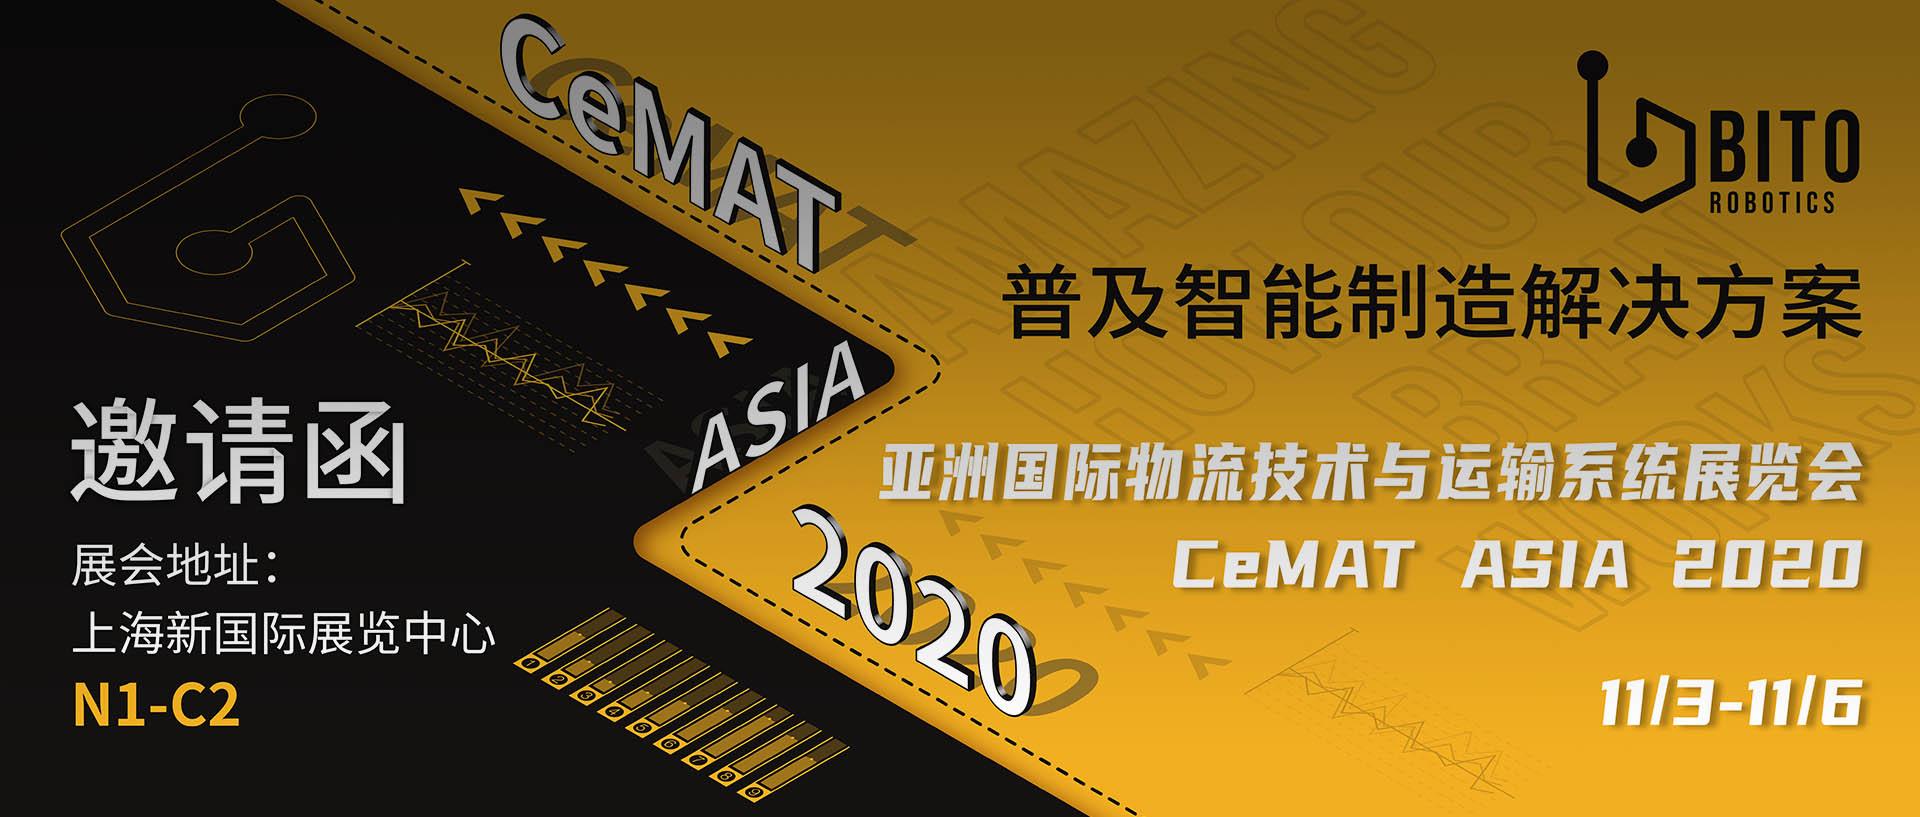 @所有人 这里有CeMAT ASIA 2020亚洲物流展邀请函等待查收